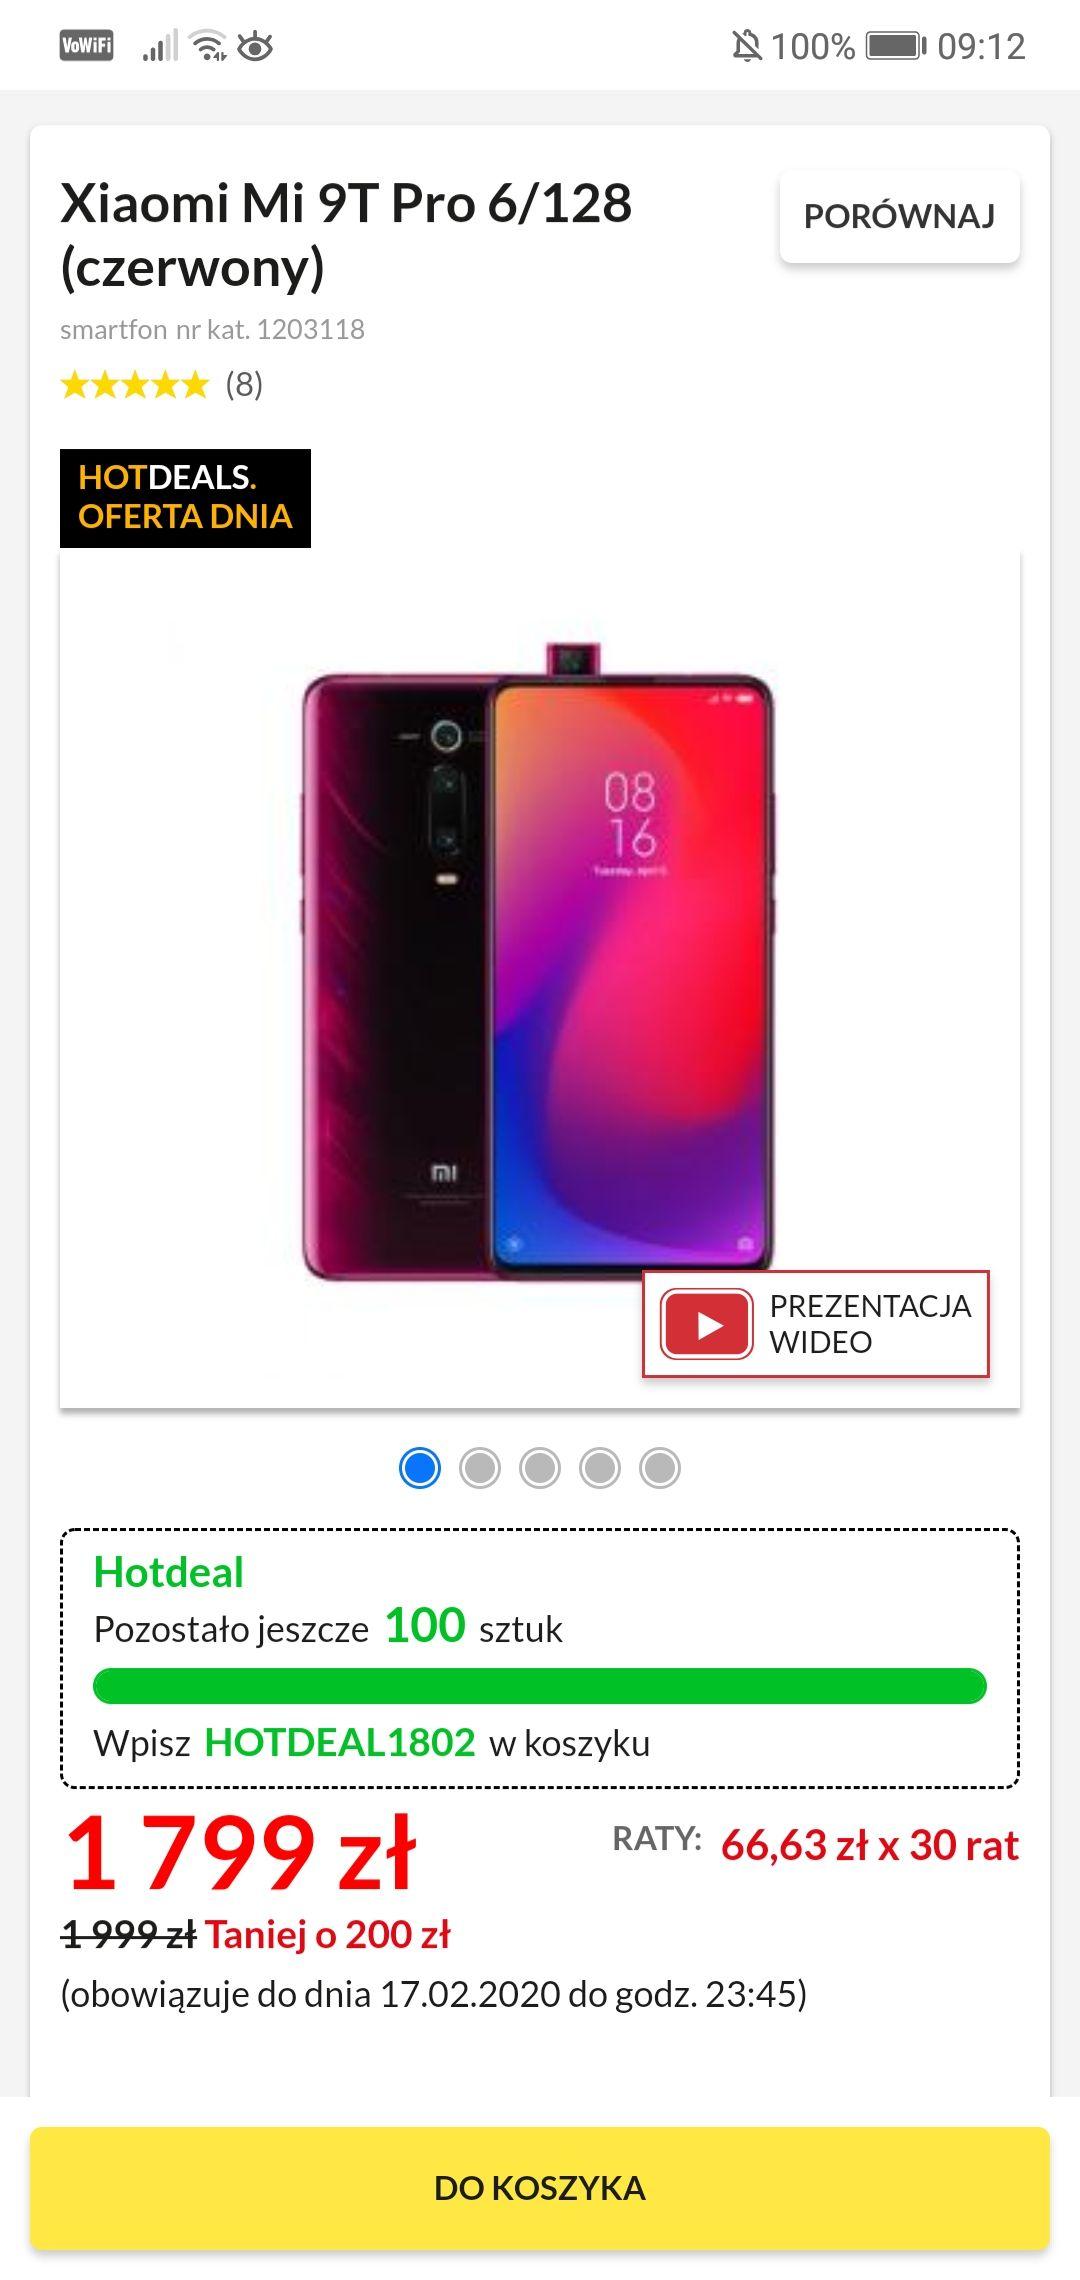 Xiaomi Mi 9T Pro 6/128 (czerwony)